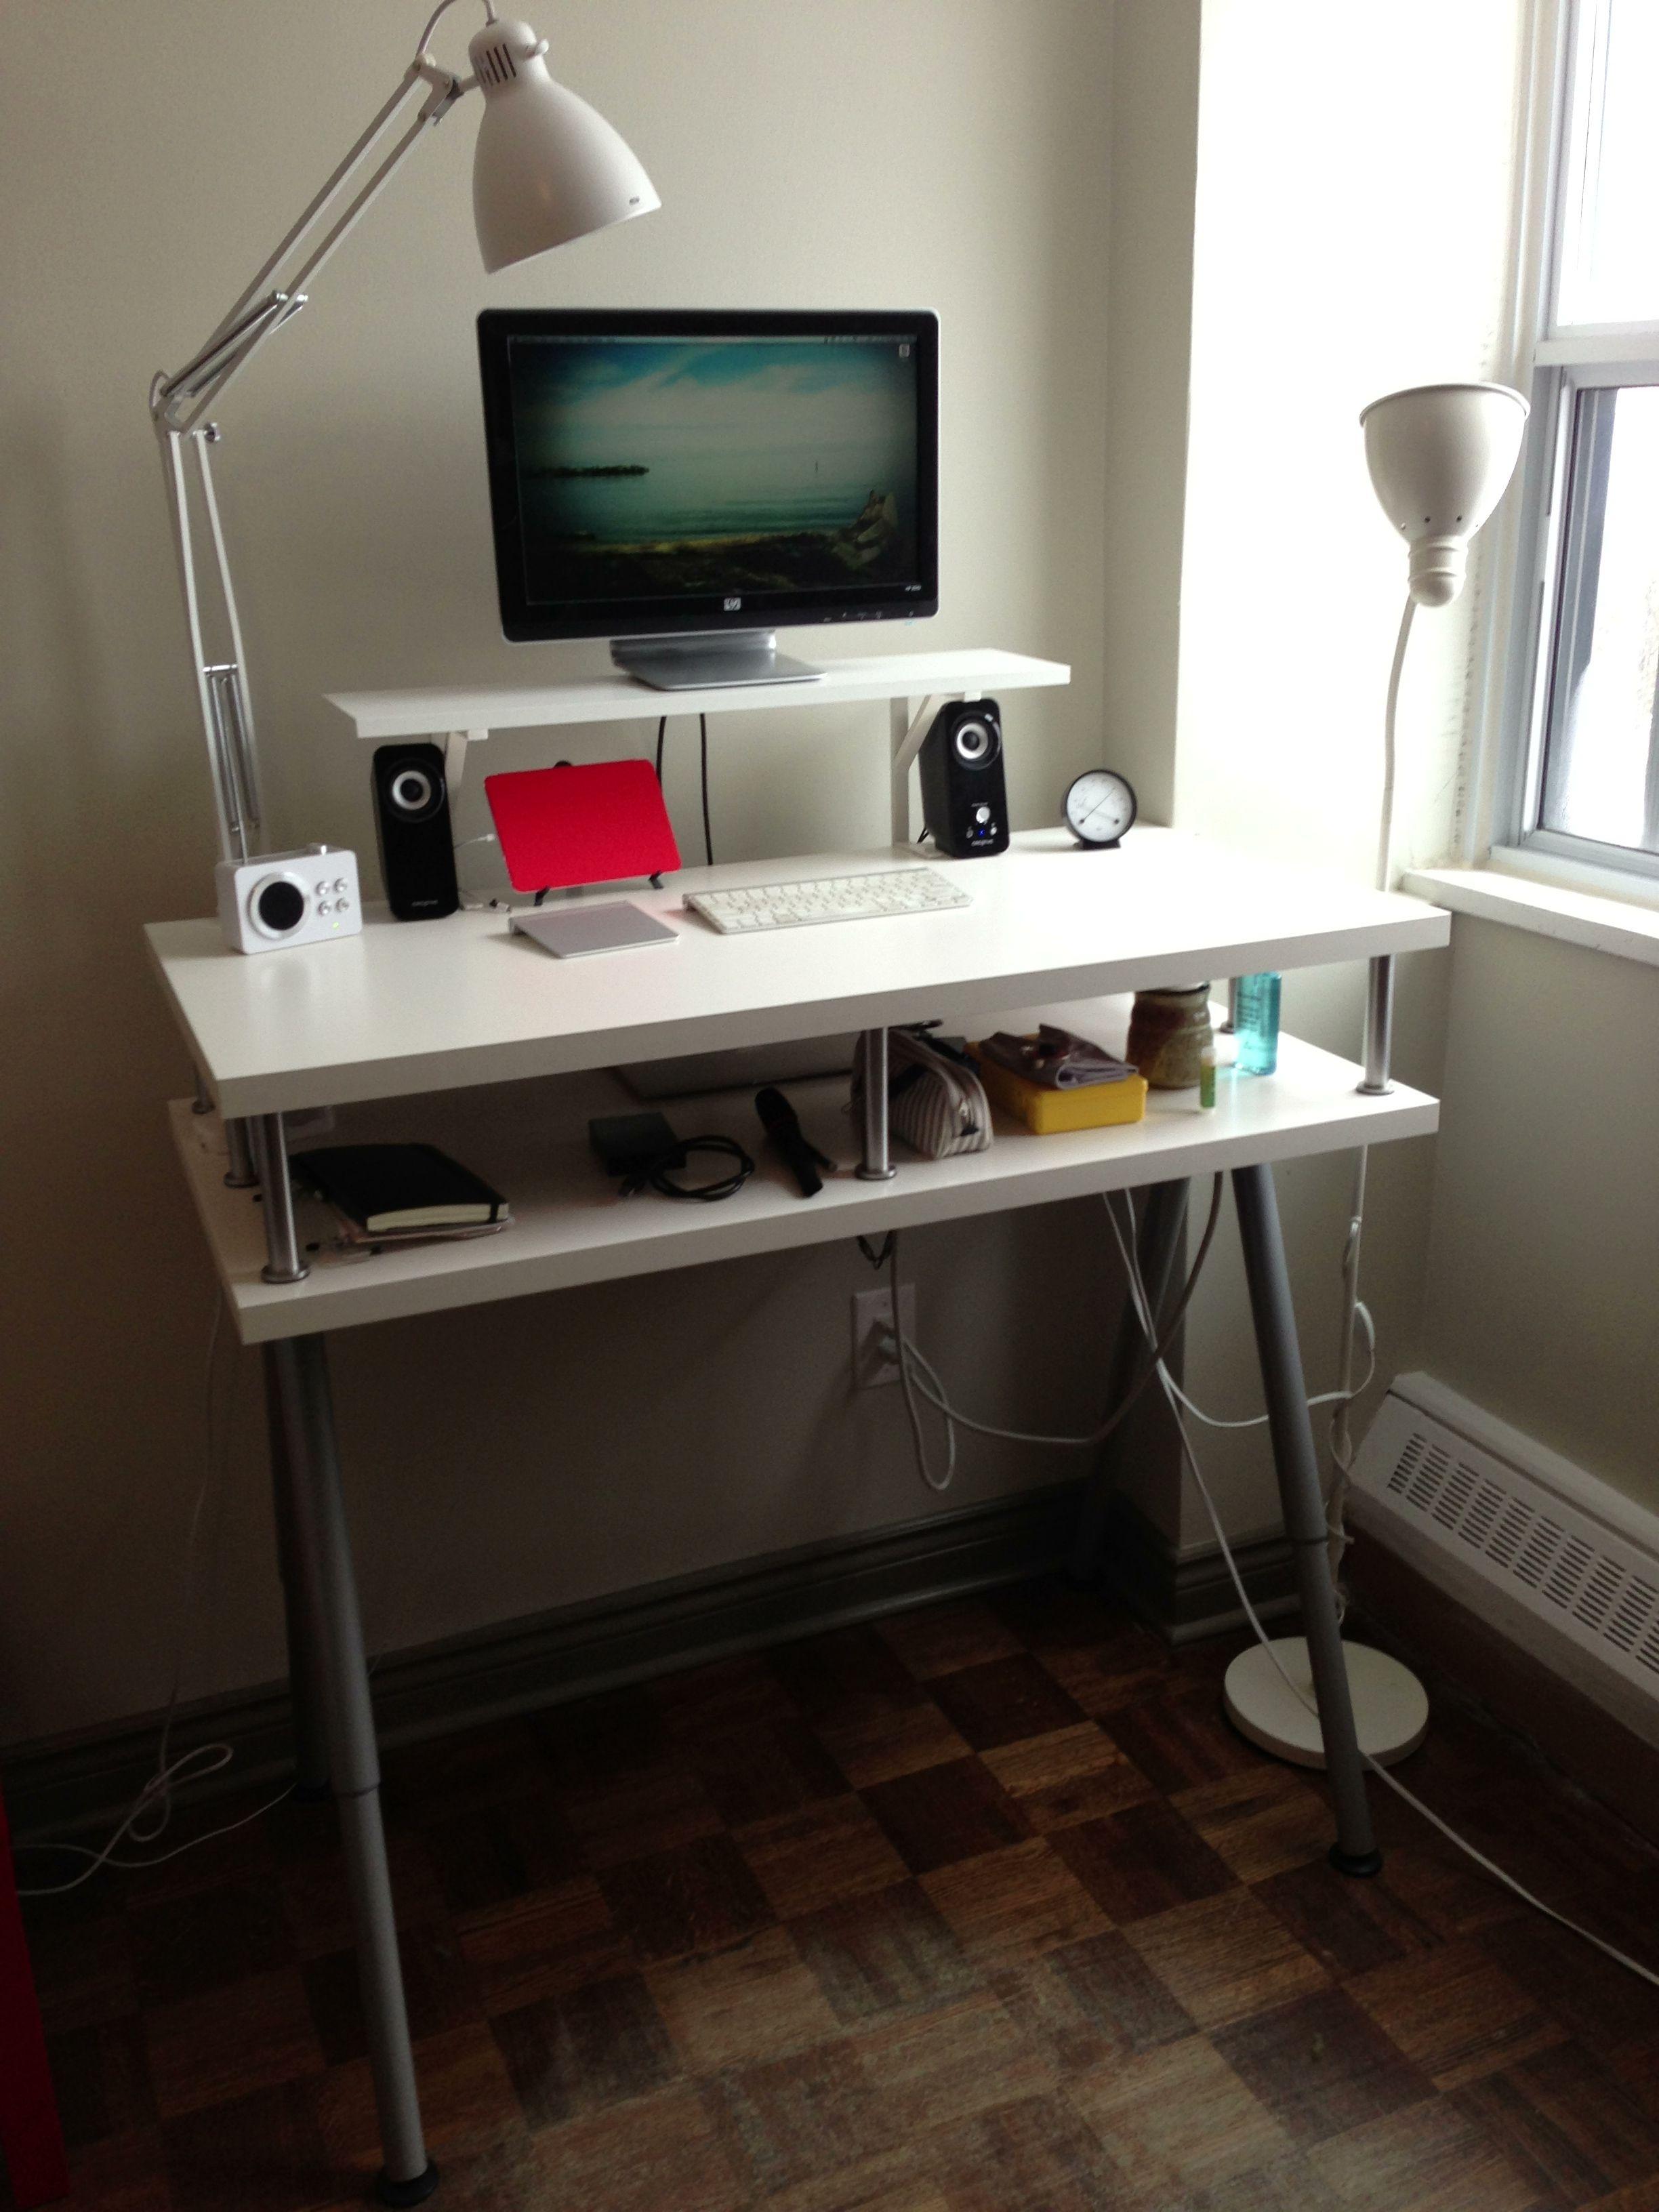 Best Ikea Standing Desk Hack Inspirations Minimalist Desk Design Ideas Standing Desk Design Ikea Standing Desk Diy Standing Desk